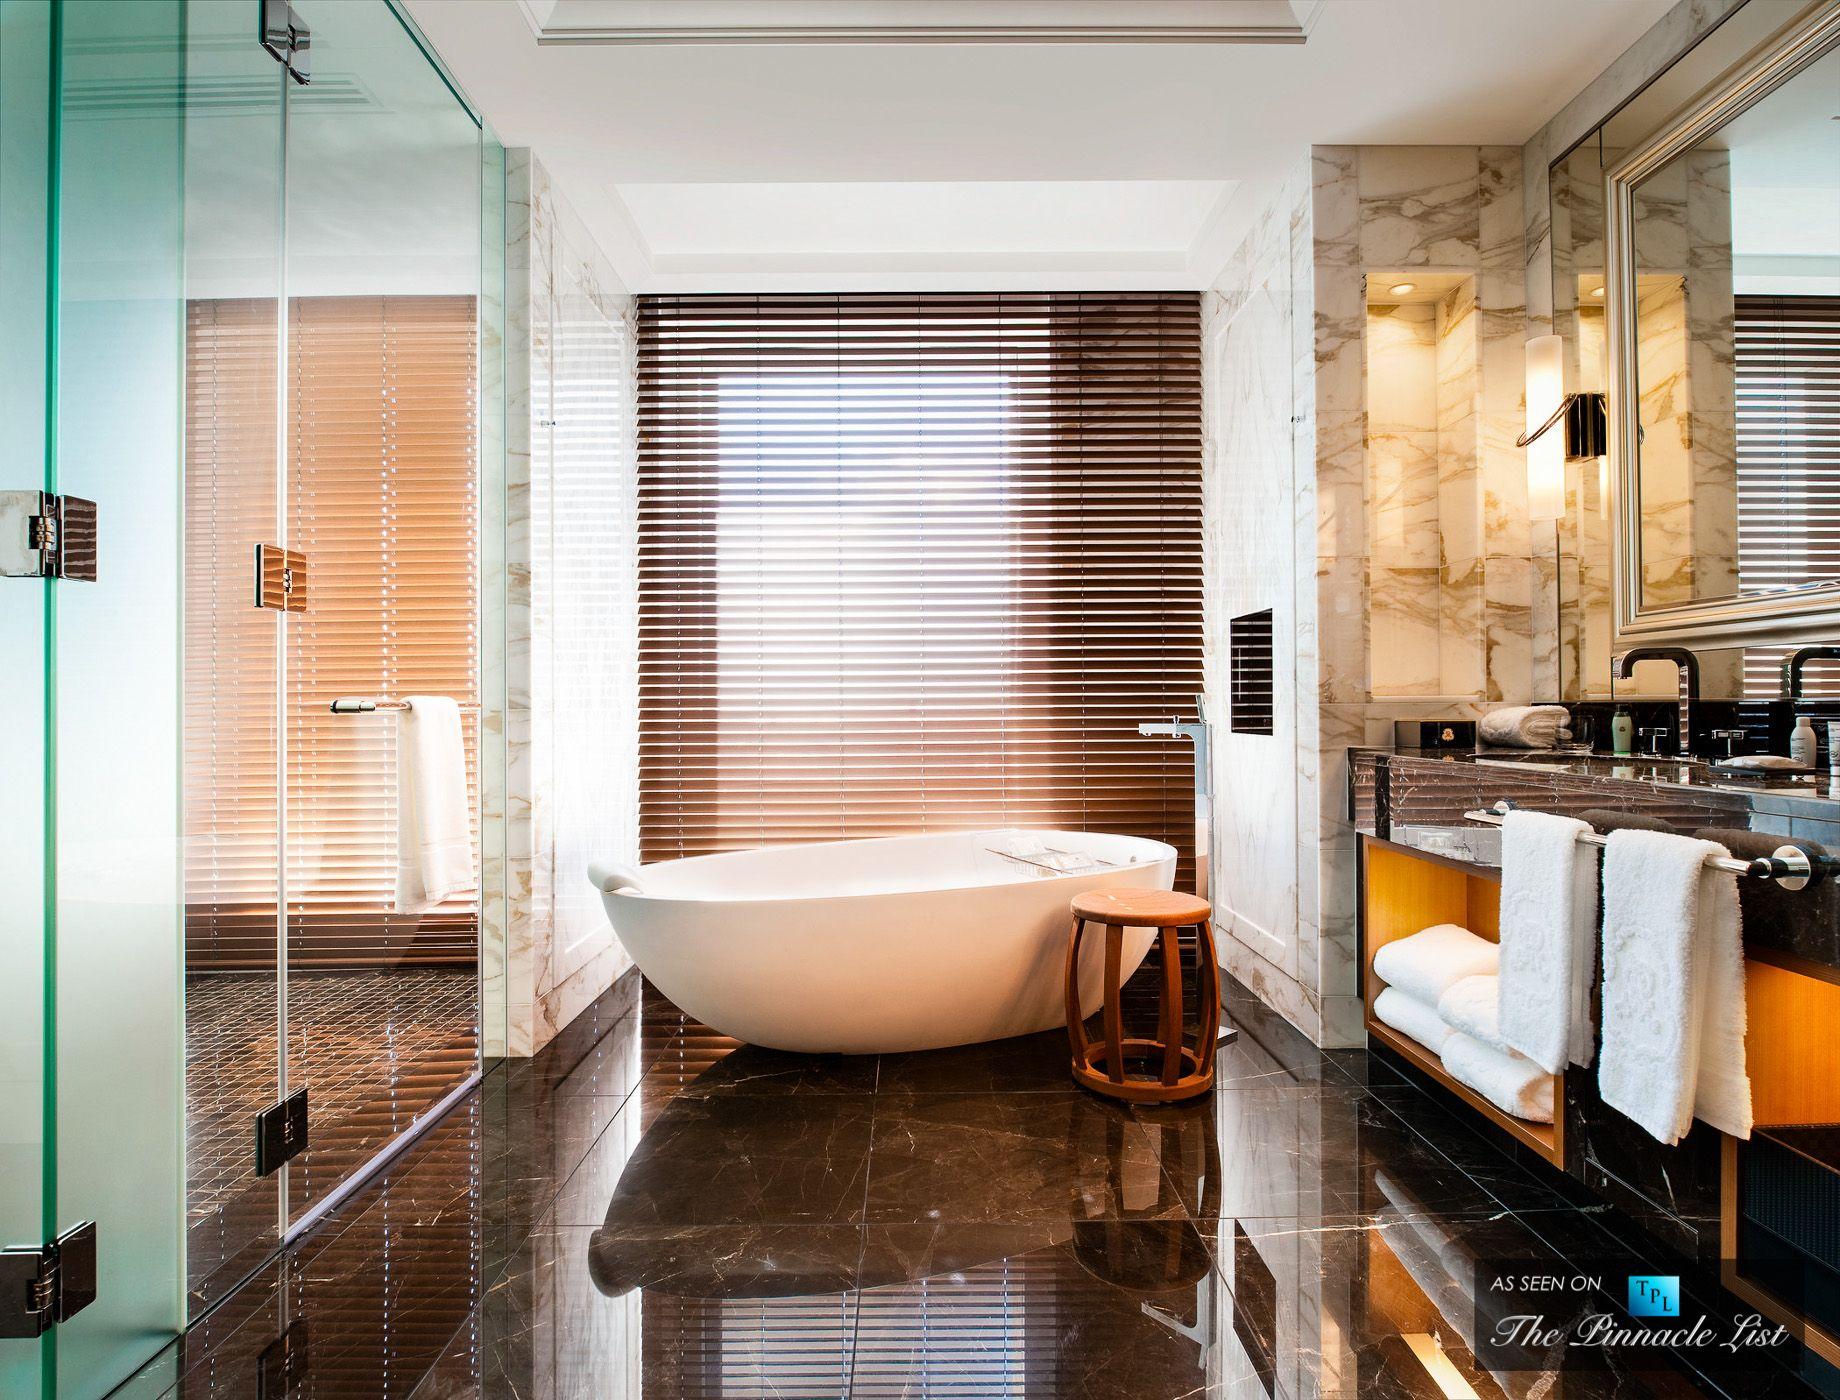 Luxury hotel bathroom design ideas 5 on living room simple home luxury hotel bathroom design ideas 5 on living room simple home design freerunsca Gallery